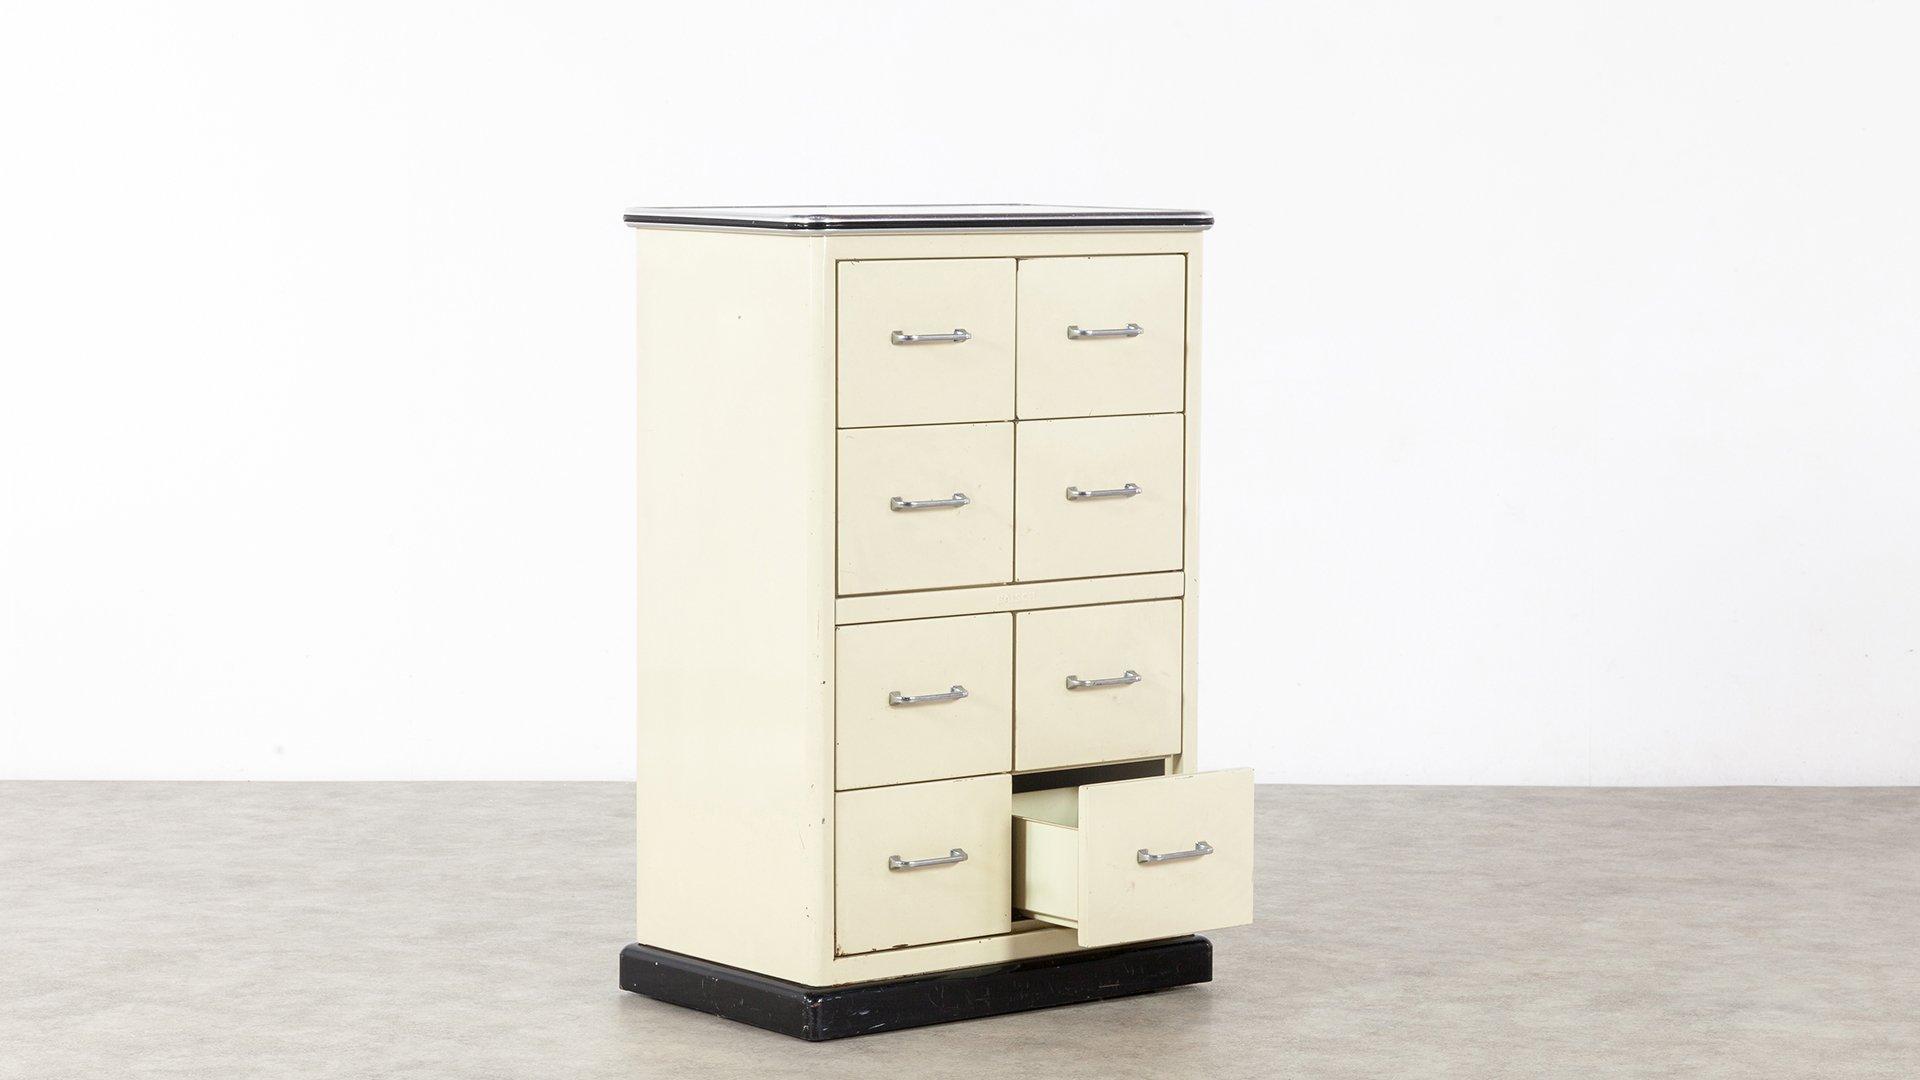 armoire pharmacie 8 tiroirs de baisch 1950s en vente sur pamono. Black Bedroom Furniture Sets. Home Design Ideas